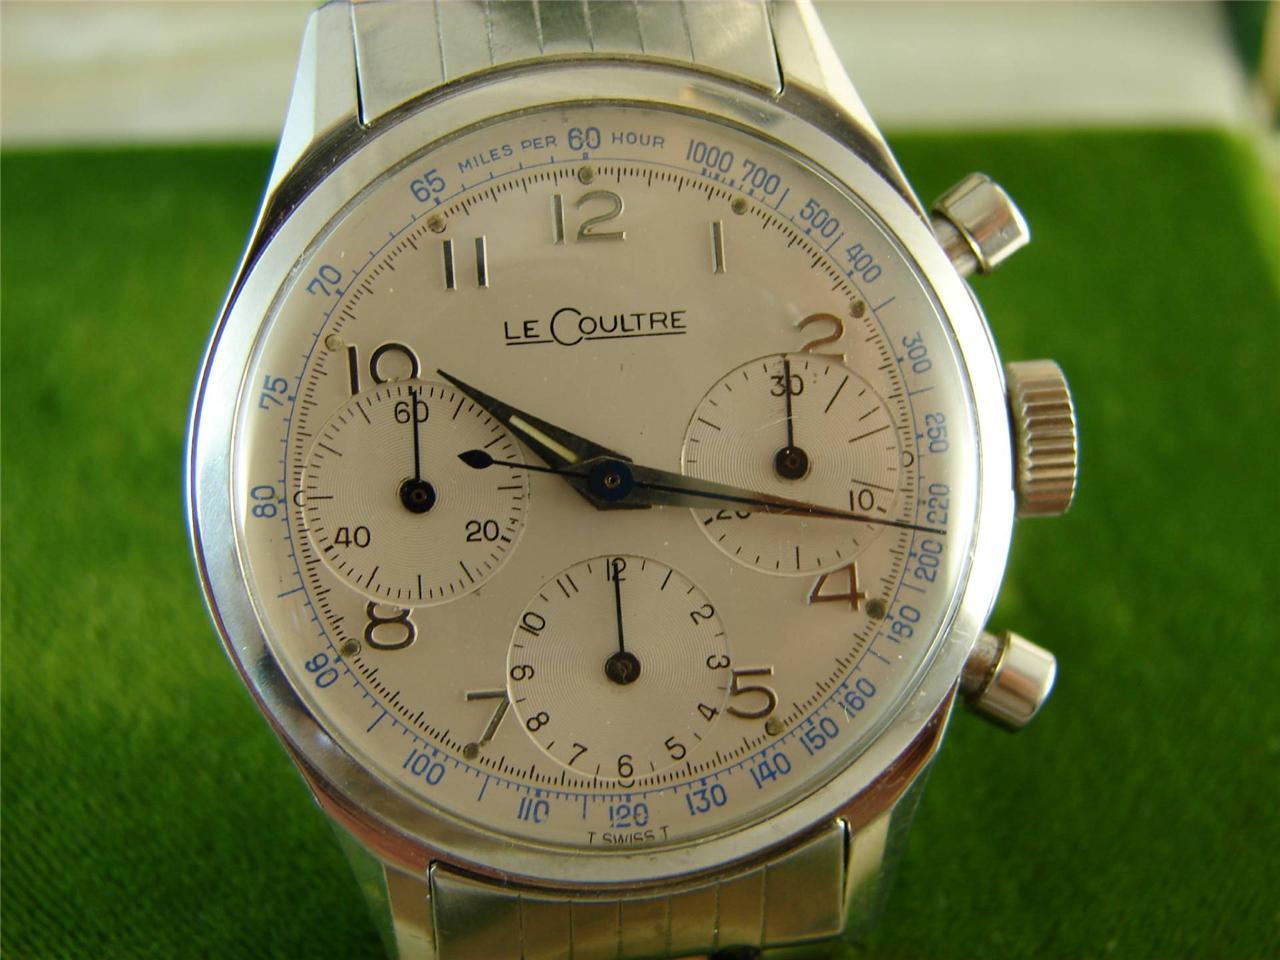 191f719d7d117 Two vintage LeCoultre chronos - Rolex Forums - Rolex Watch Forum